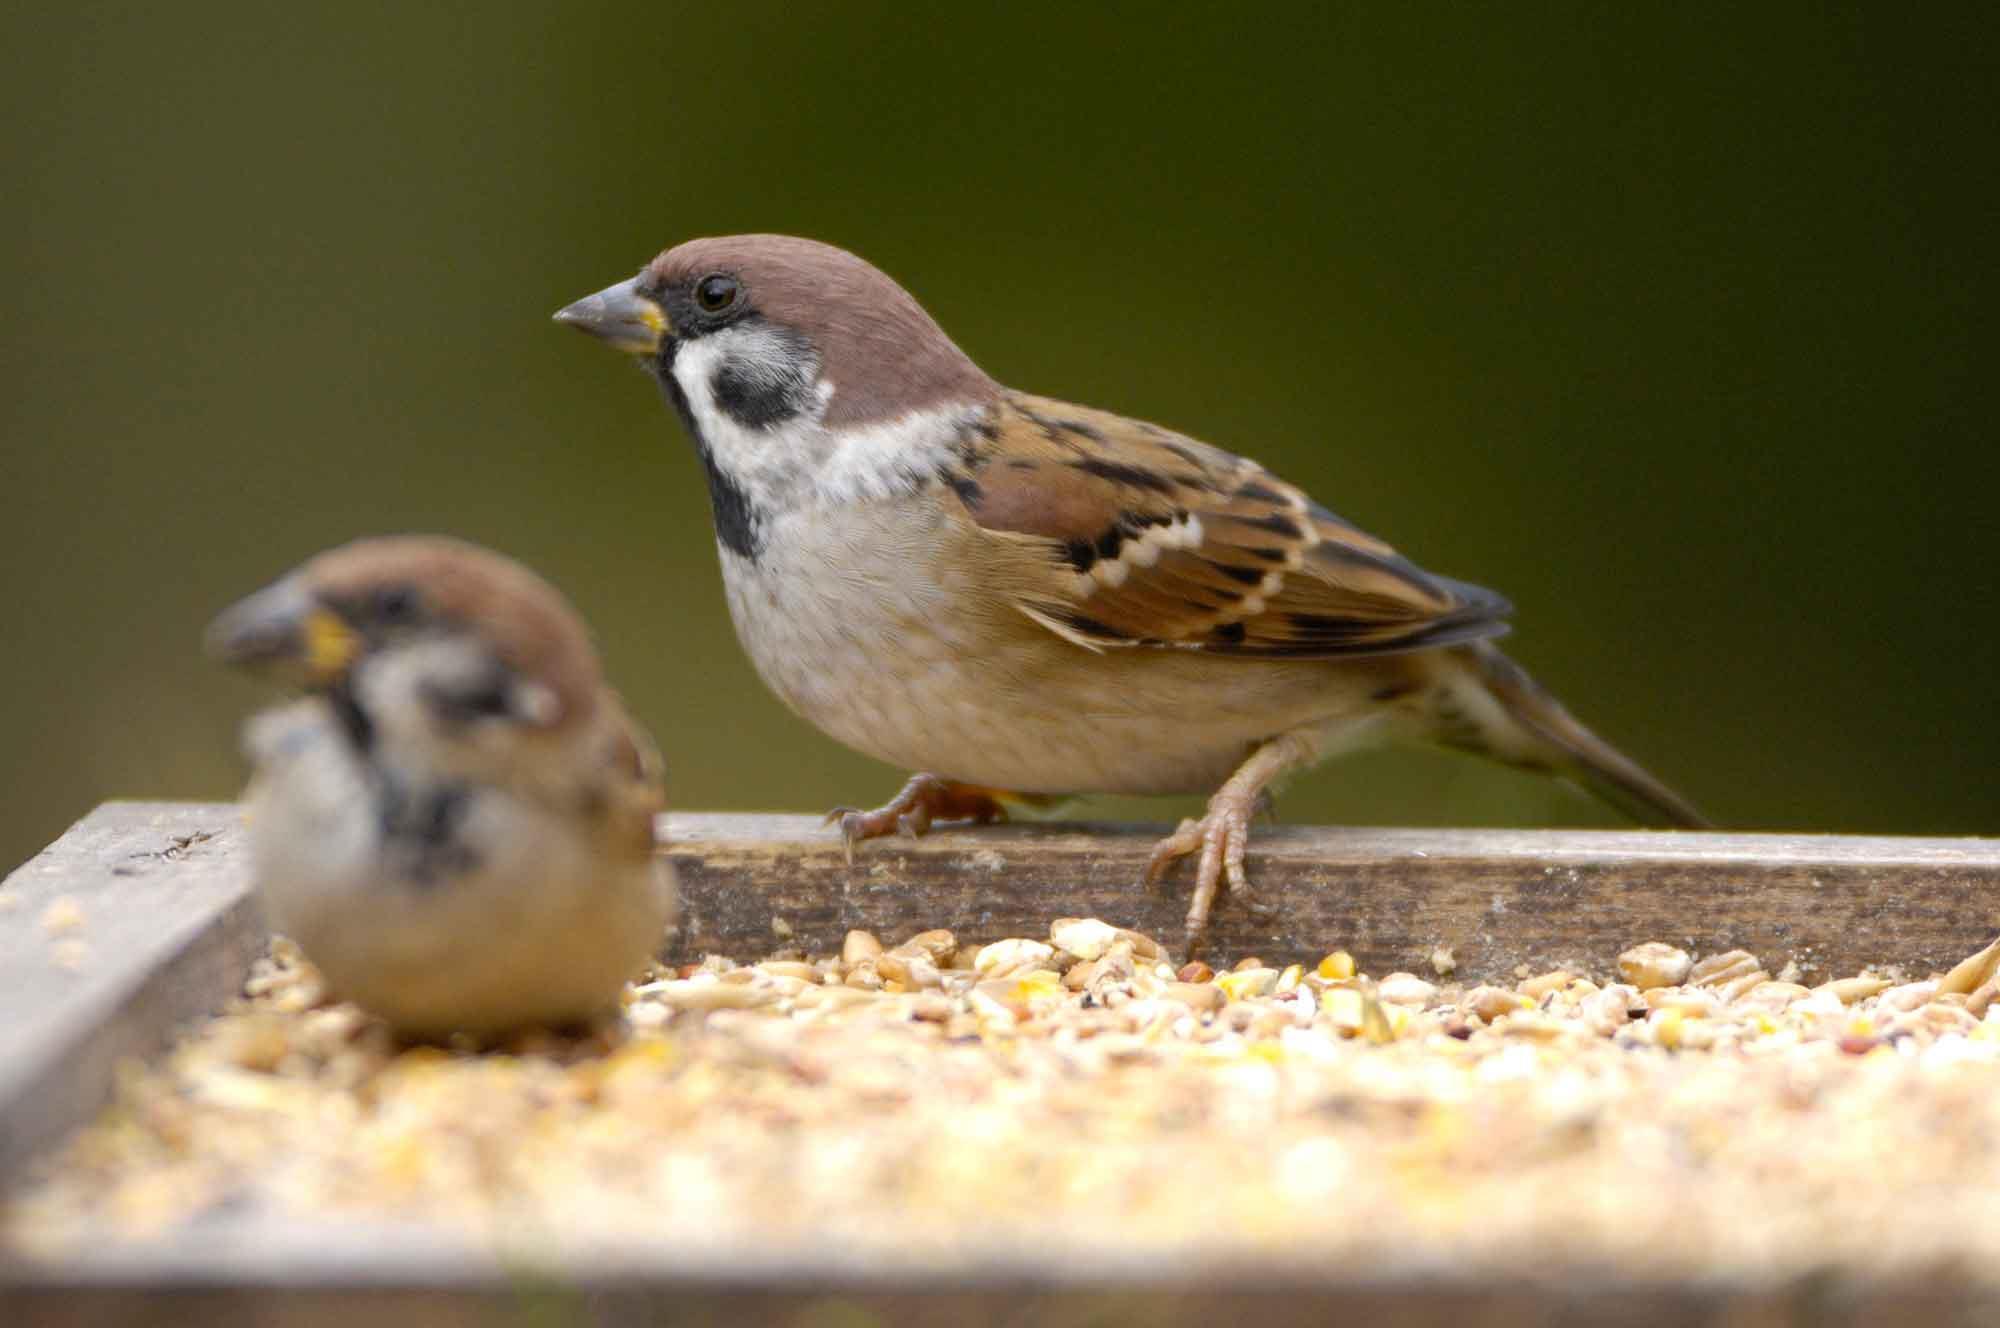 استفاده در غذای برای پرندگان زینتی ممنوع